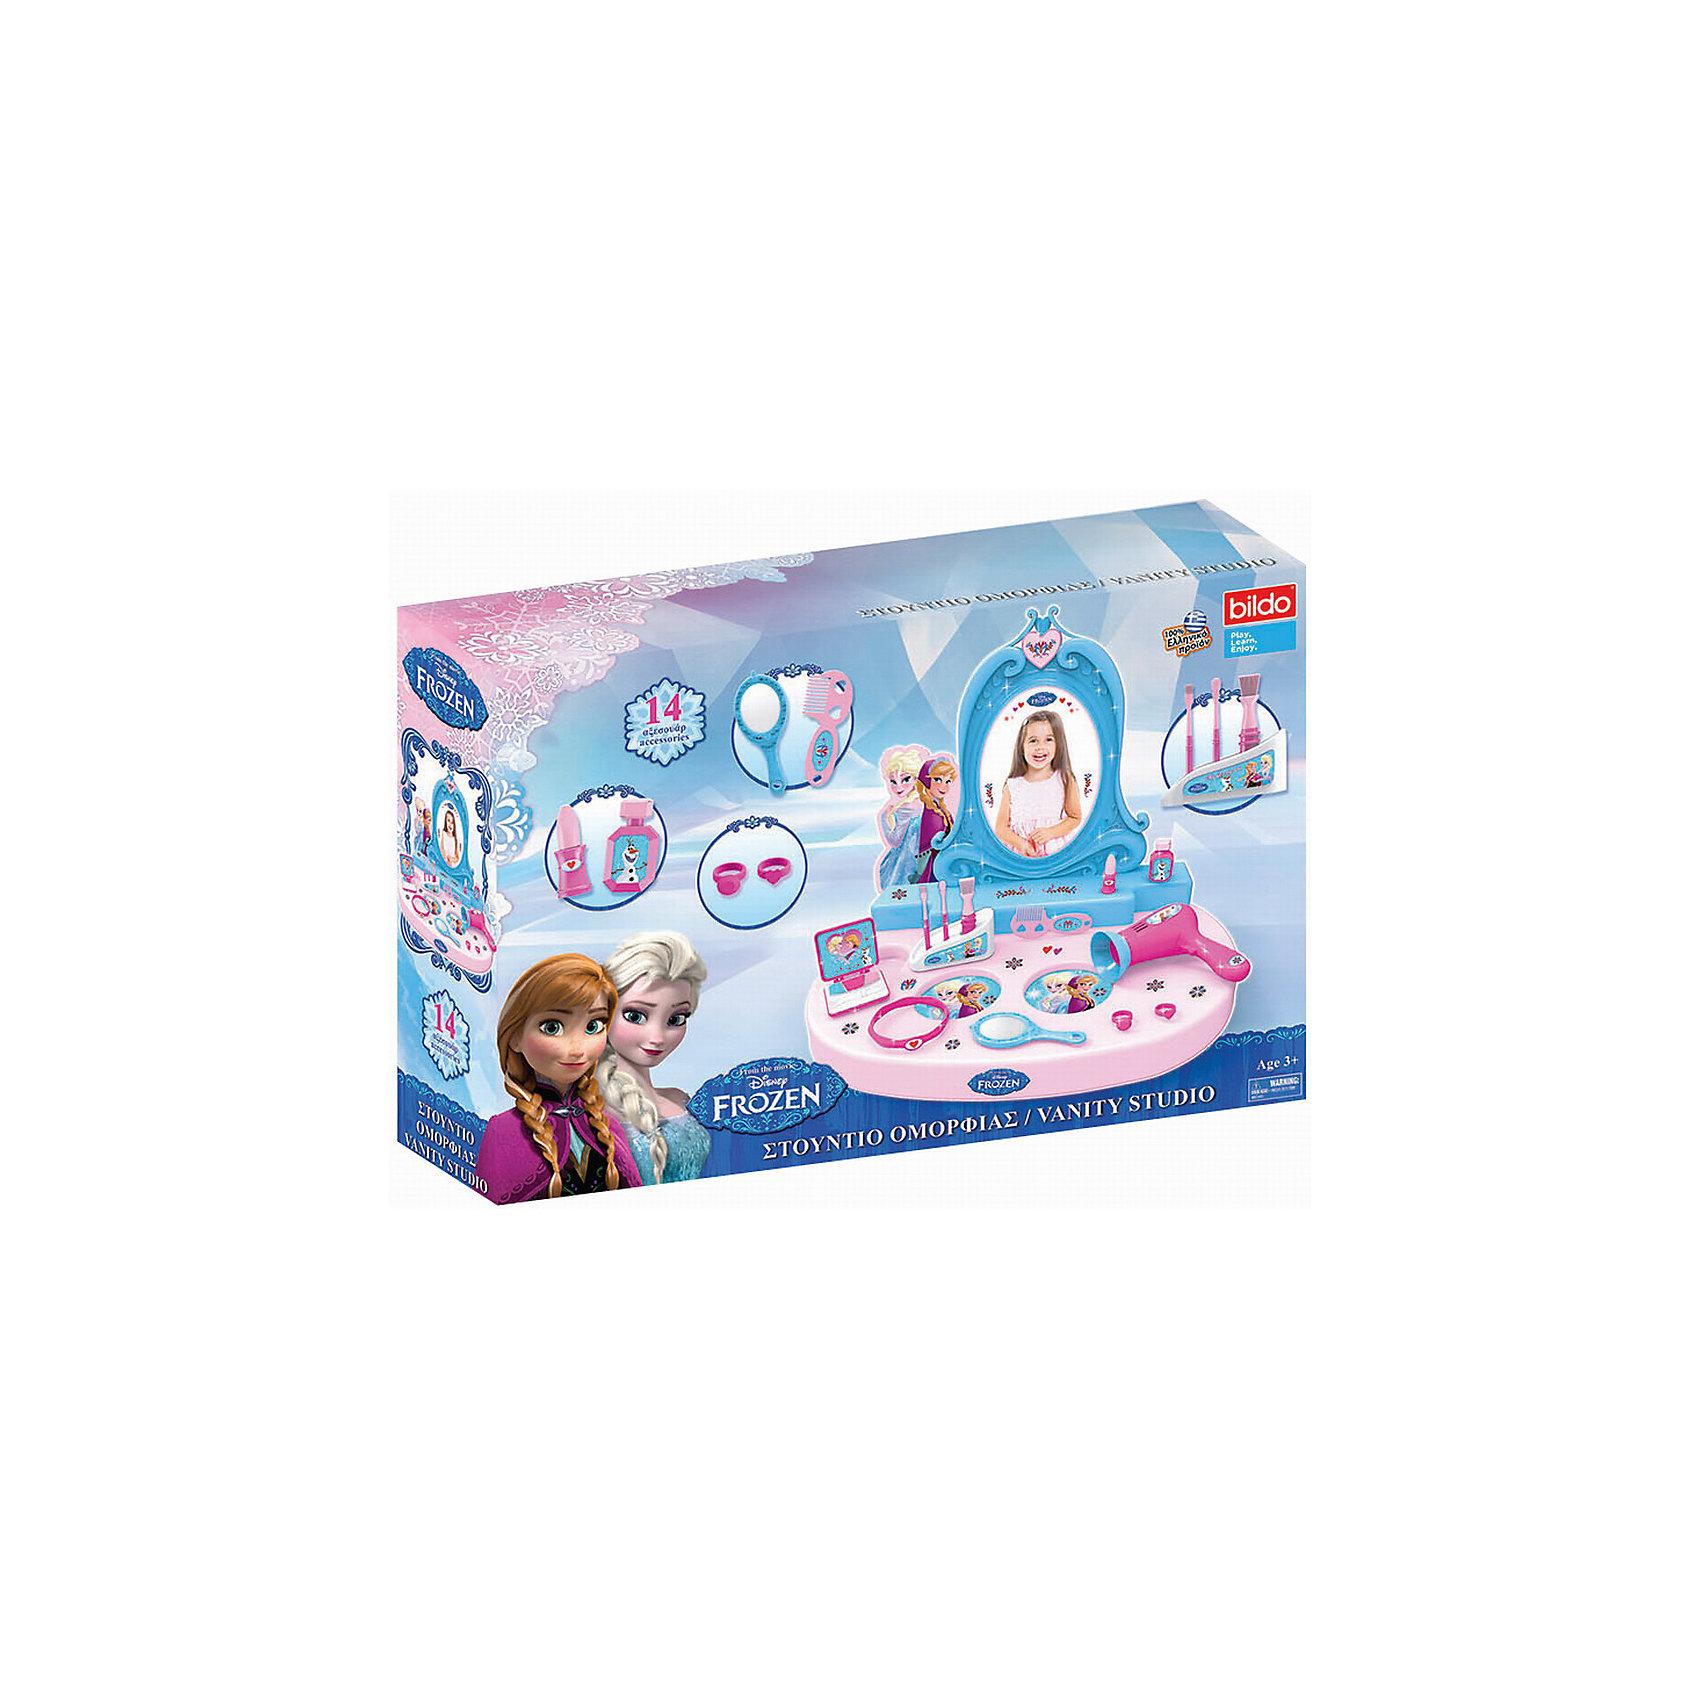 Игровая парикмахерская Холодное сердце, BildoСюжетно-ролевые игры<br>Игровая парикмахерская Холодное сердце, Bildo.<br><br>Характеристики:<br><br>- В наборе: столик с зеркалом, 14 аксессуаров, наклейки<br>- Материал: пластик<br><br>В игровой набор парикмахерская Холодное сердце, входит 14 аксессуаров для реалистичной игры, включая расческу, зеркало, фен, кольца и имитацию макияжа. Маленькой леди очень понравиться большое зеркало для макияжа. Великолепная парикмахерская Холодное сердце от Bildo не даст вашей девочке заскучать и позволит ей почувствовать себя настоящим стилистом. А декоративные наклейки сделают игру более увлекательной. Все элементы набора изготовлены из качественного безопасного пластика.<br><br>Игровую парикмахерскую Холодное сердце, Bildo можно купить в нашем интернет-магазине.<br><br>Ширина мм: 500<br>Глубина мм: 350<br>Высота мм: 90<br>Вес г: 850<br>Возраст от месяцев: 36<br>Возраст до месяцев: 60<br>Пол: Женский<br>Возраст: Детский<br>SKU: 5054124